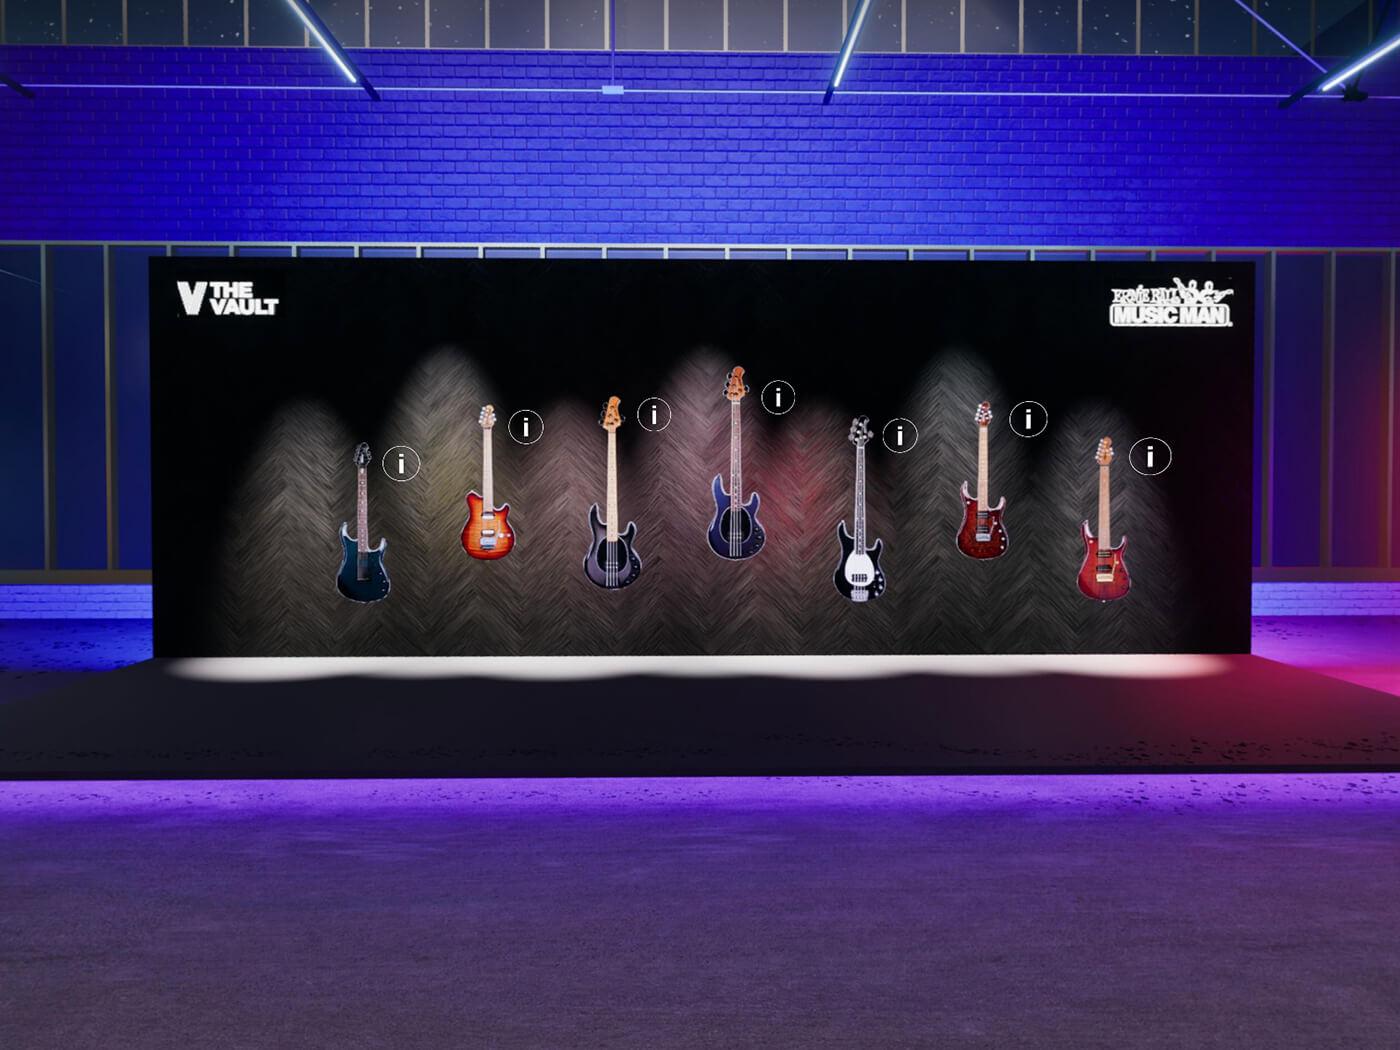 Ernie Ball's Vault at Guitar.com Live